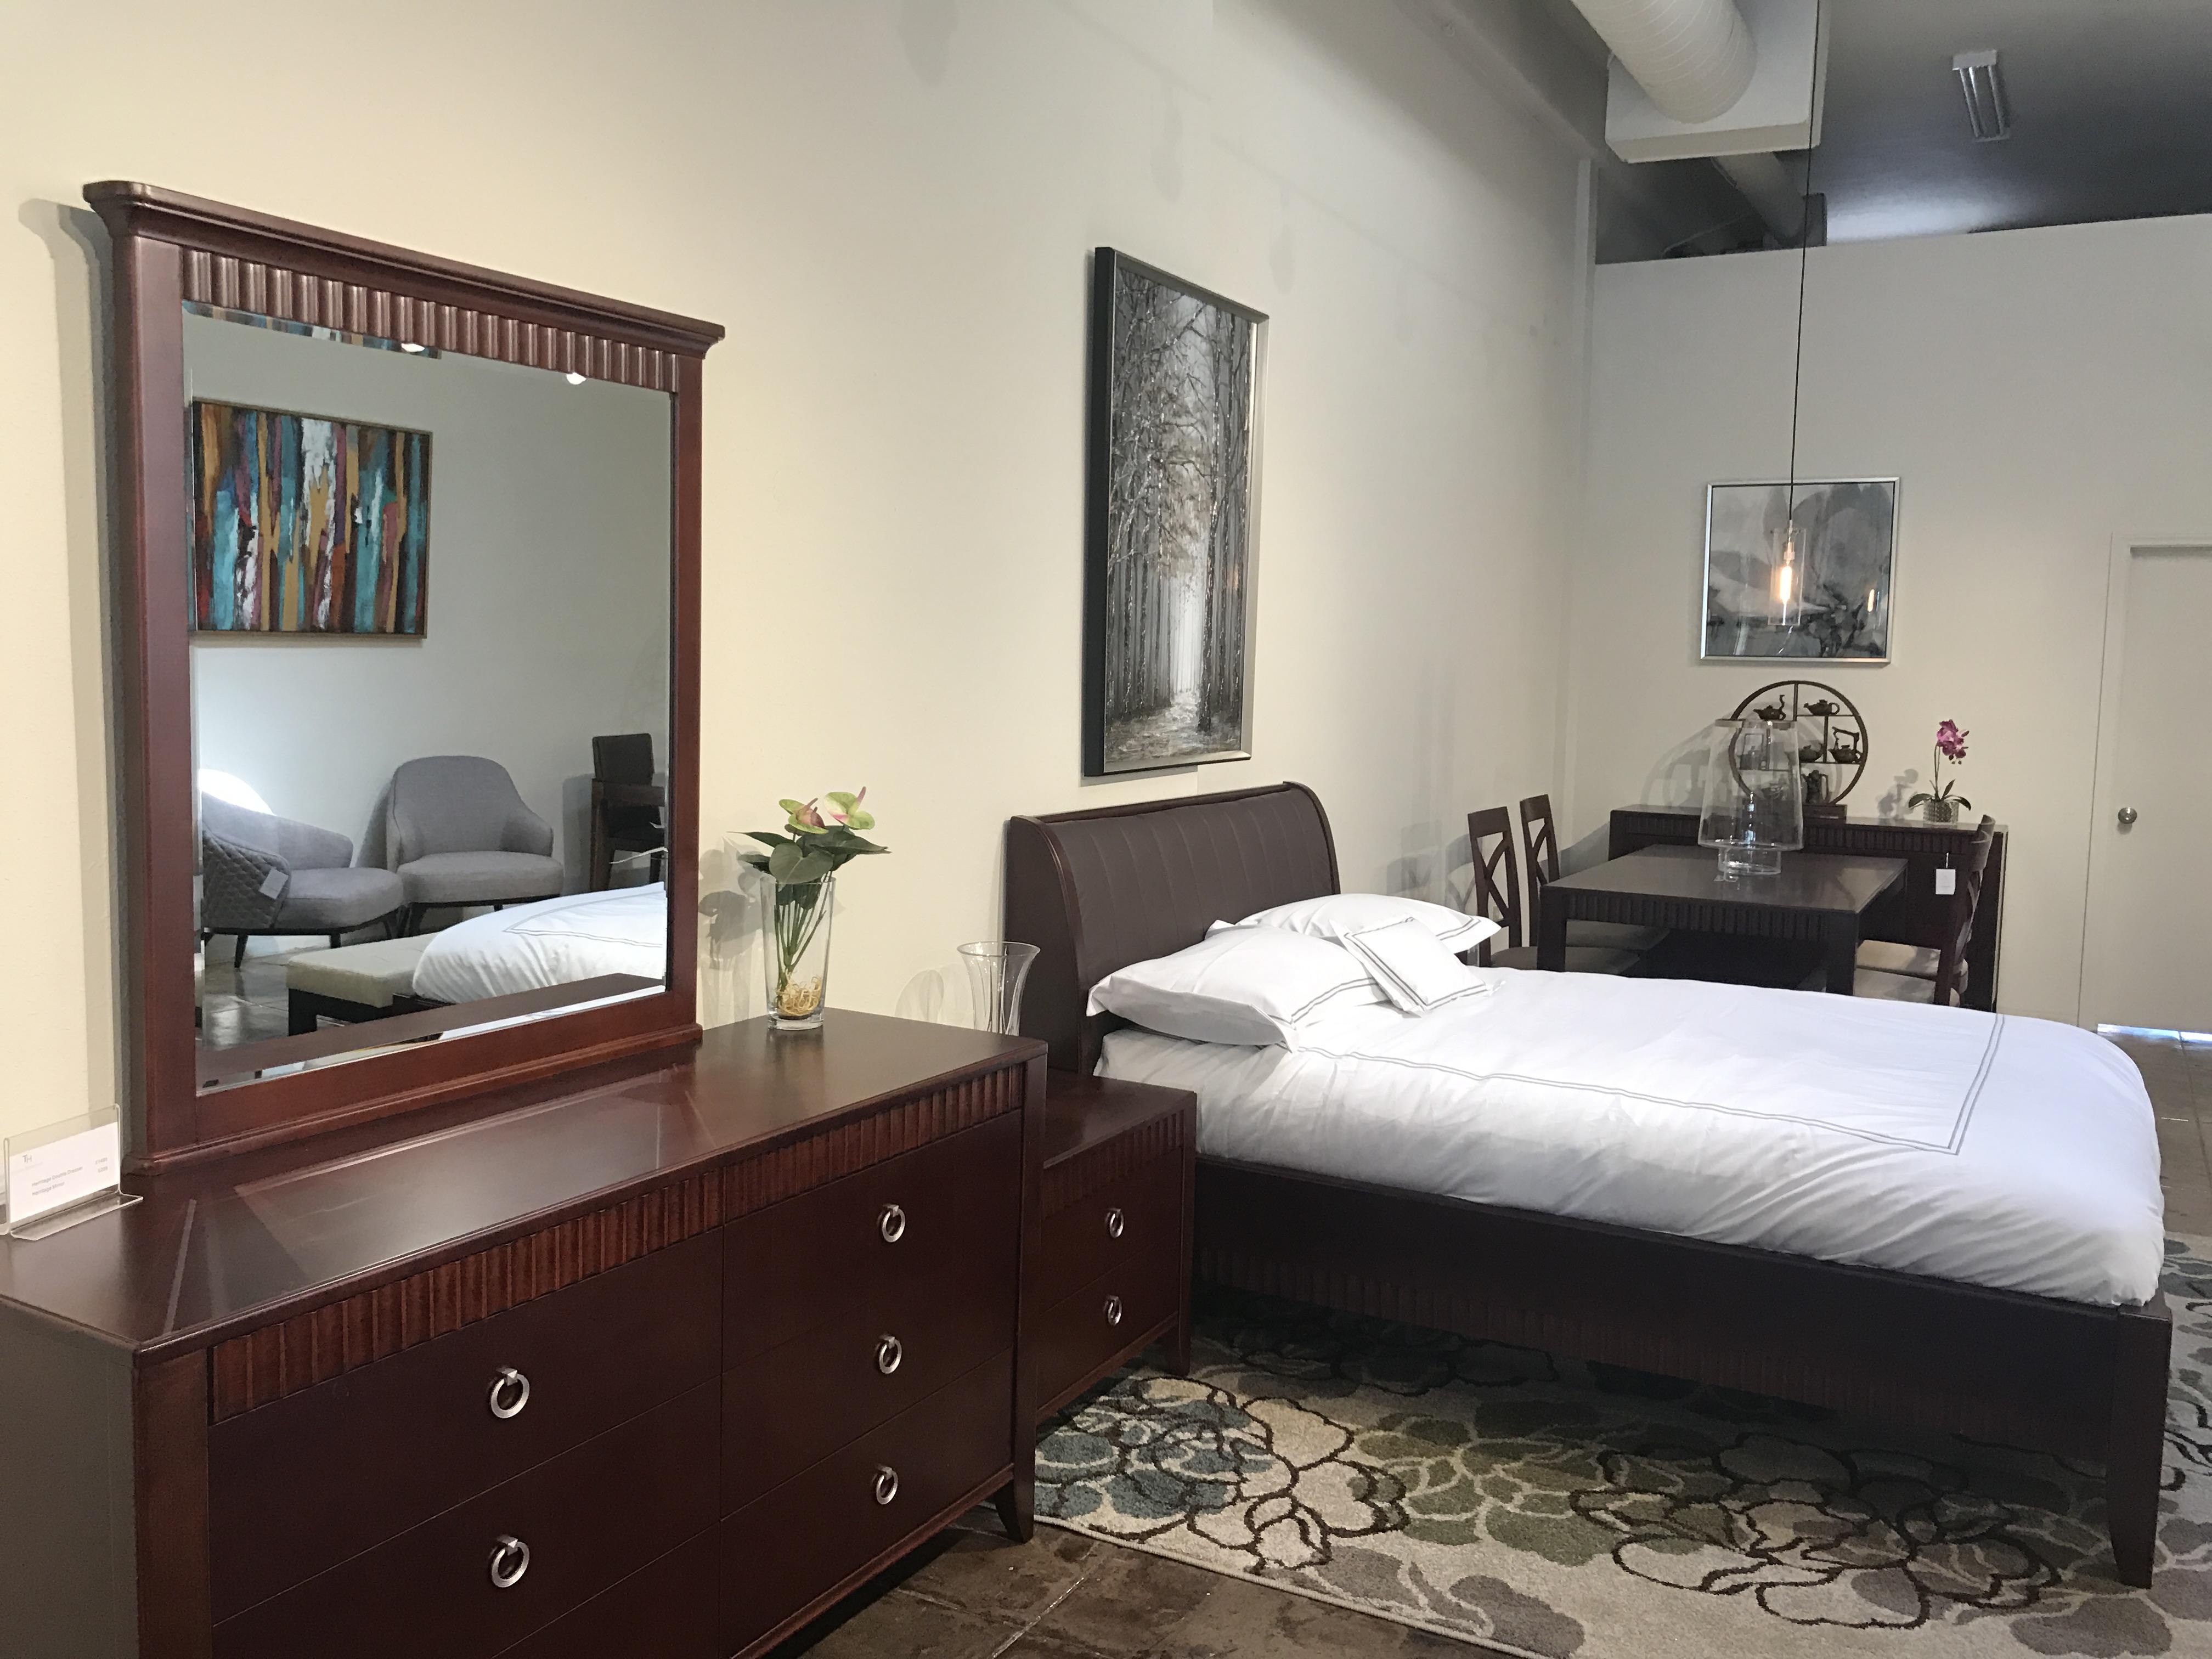 櫻桃木傢俱是店內多年來受歡迎的傢俱產品。記者李博爾攝